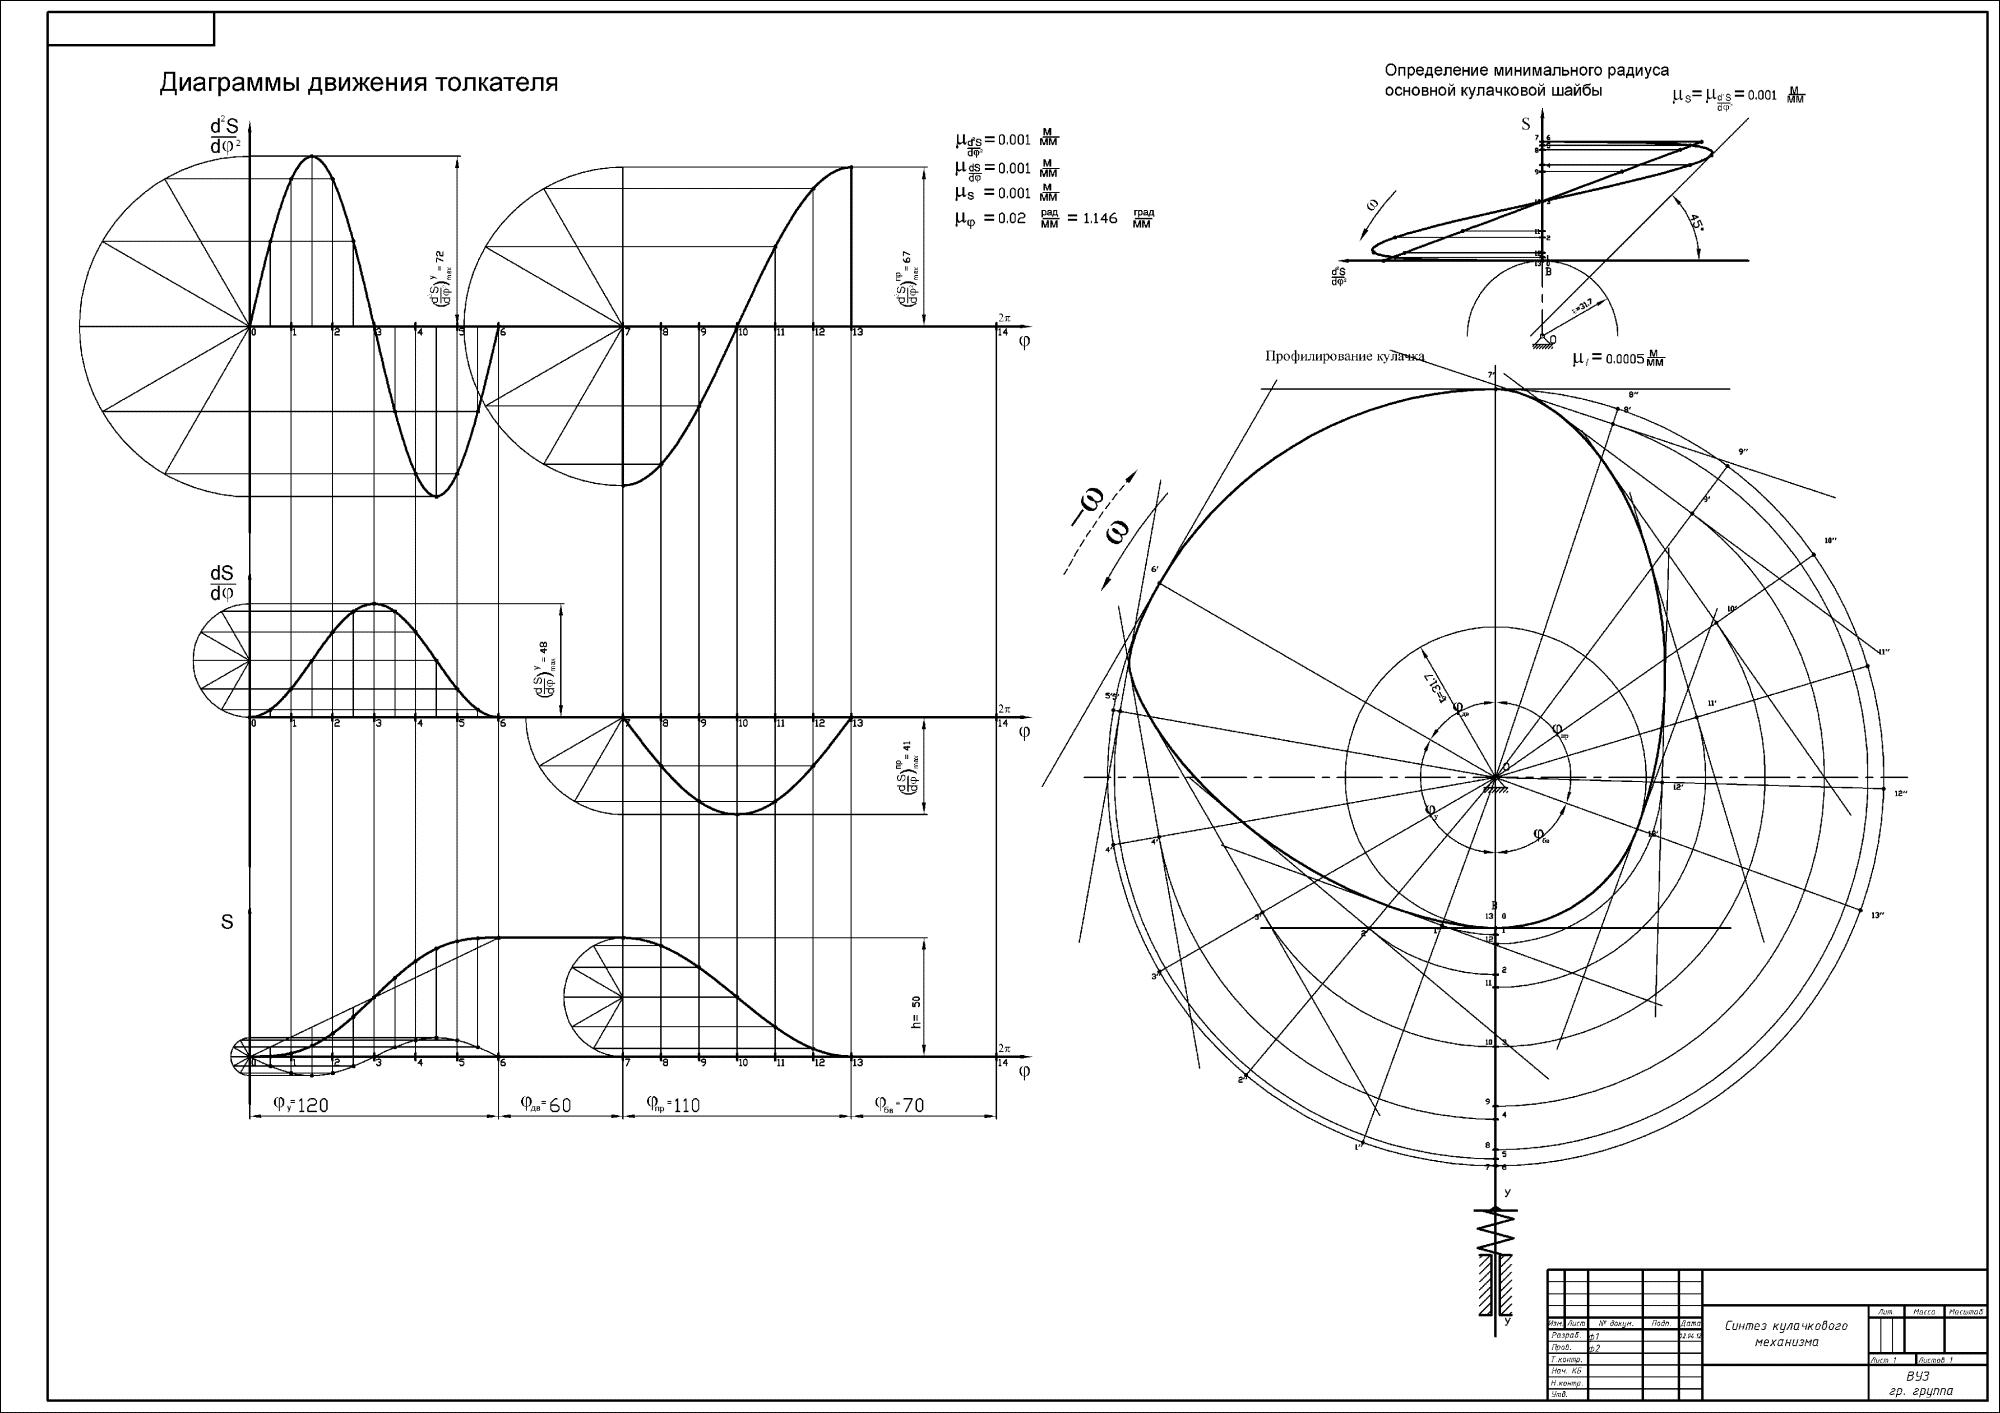 Теория механизмов и машин курсовая на заказ контрольные  теория машин и механизмов ДГМА синтез кулачкового механизма full